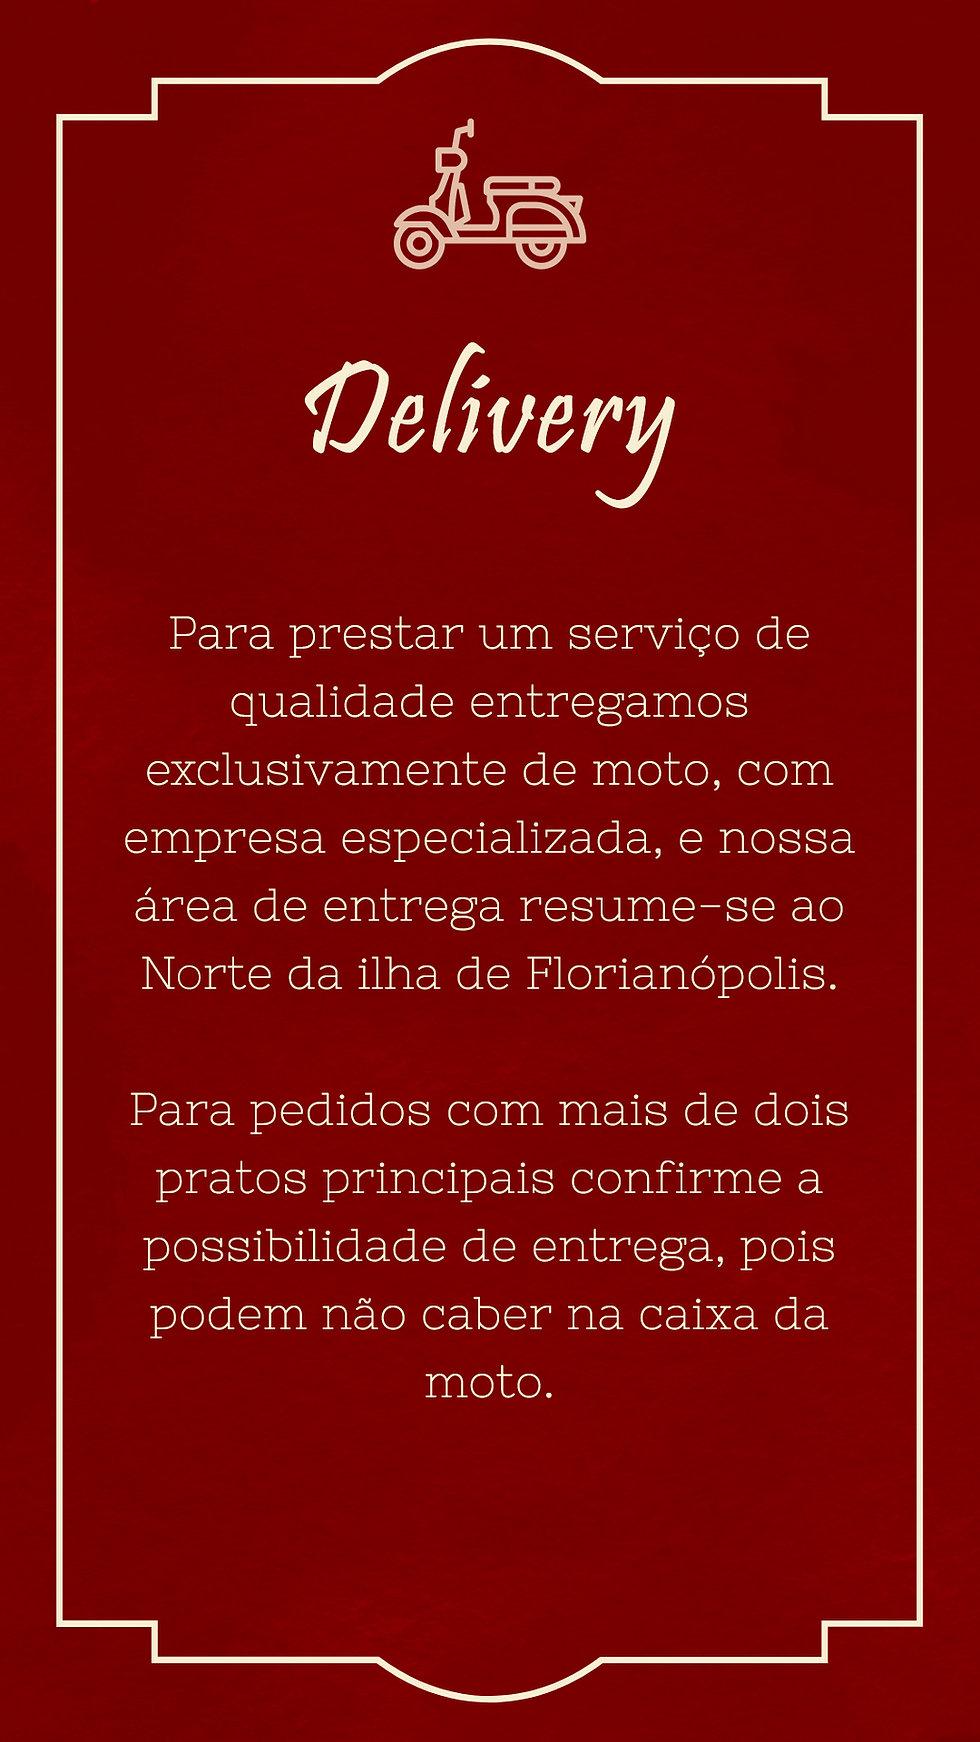 Destaque delivery 2.jpg